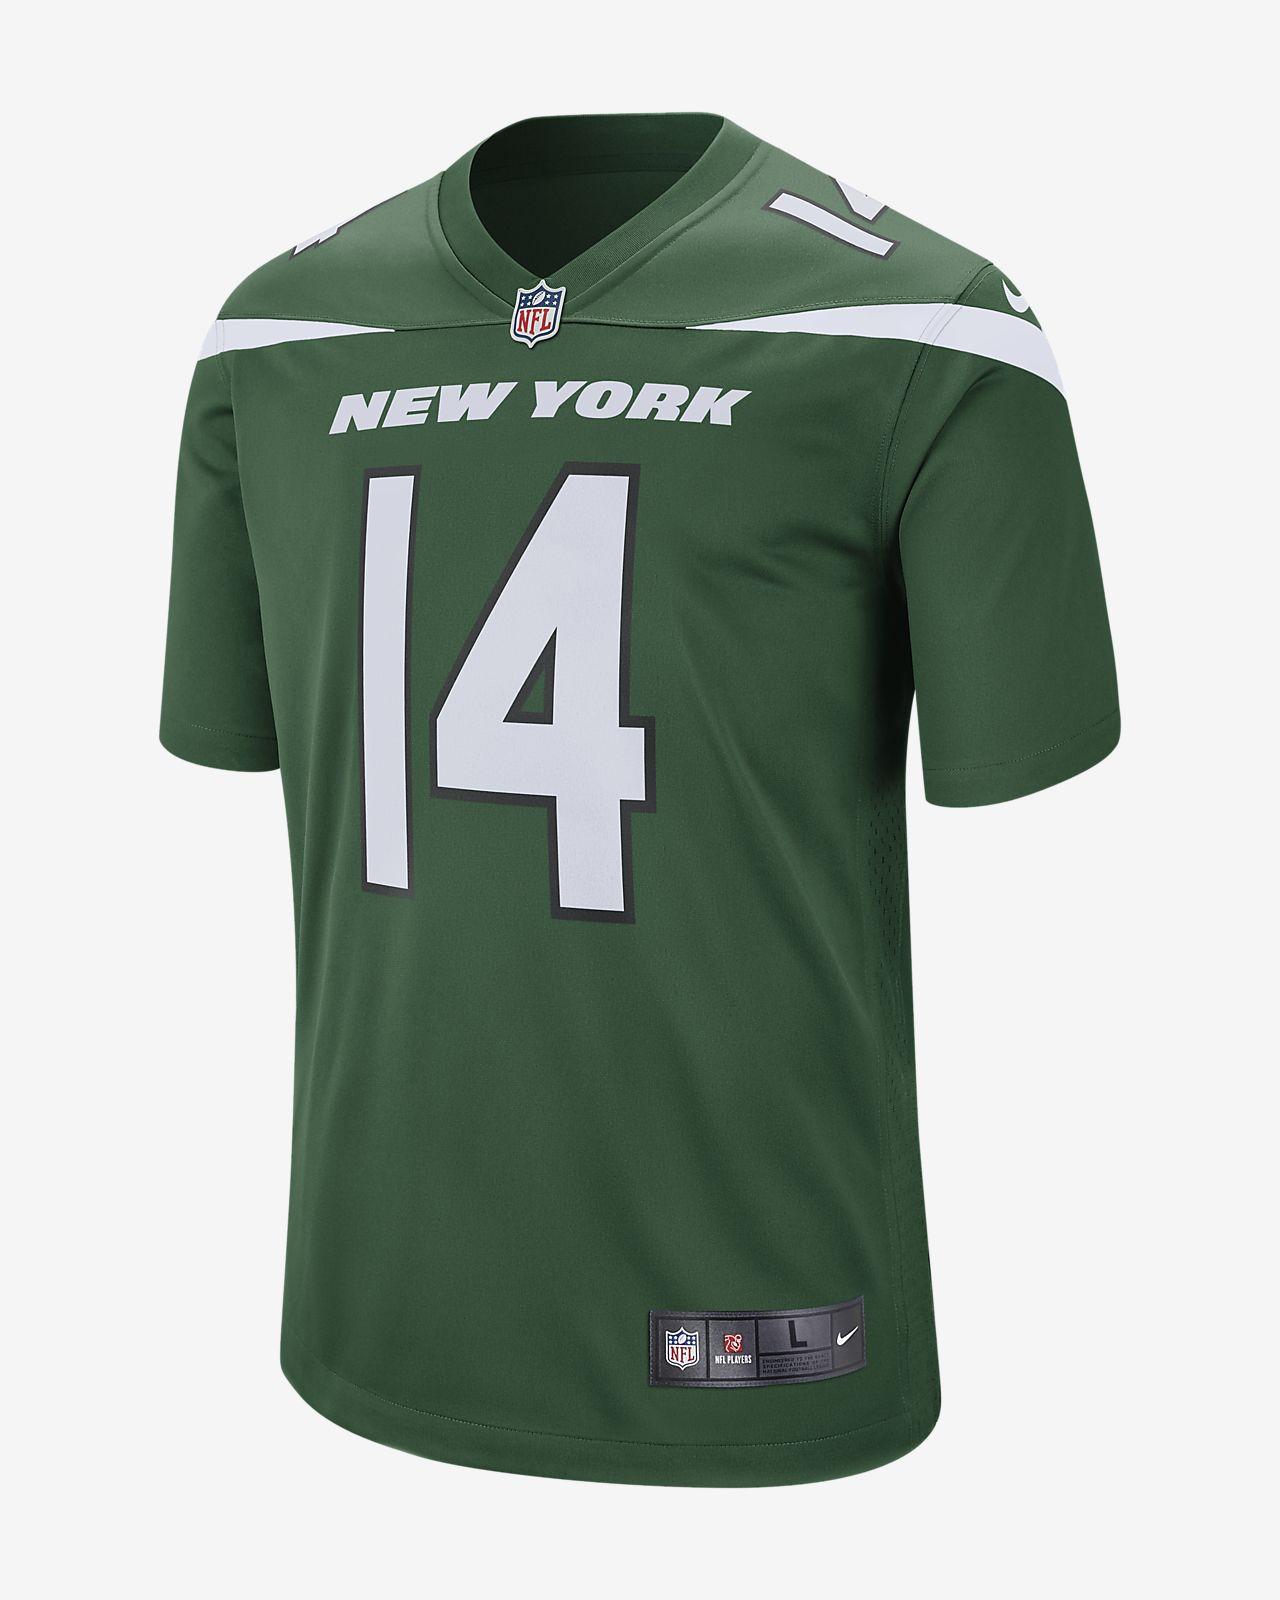 Camiseta de fútbol americano Game para hombre NFL New York Jets (Sam Darnold)